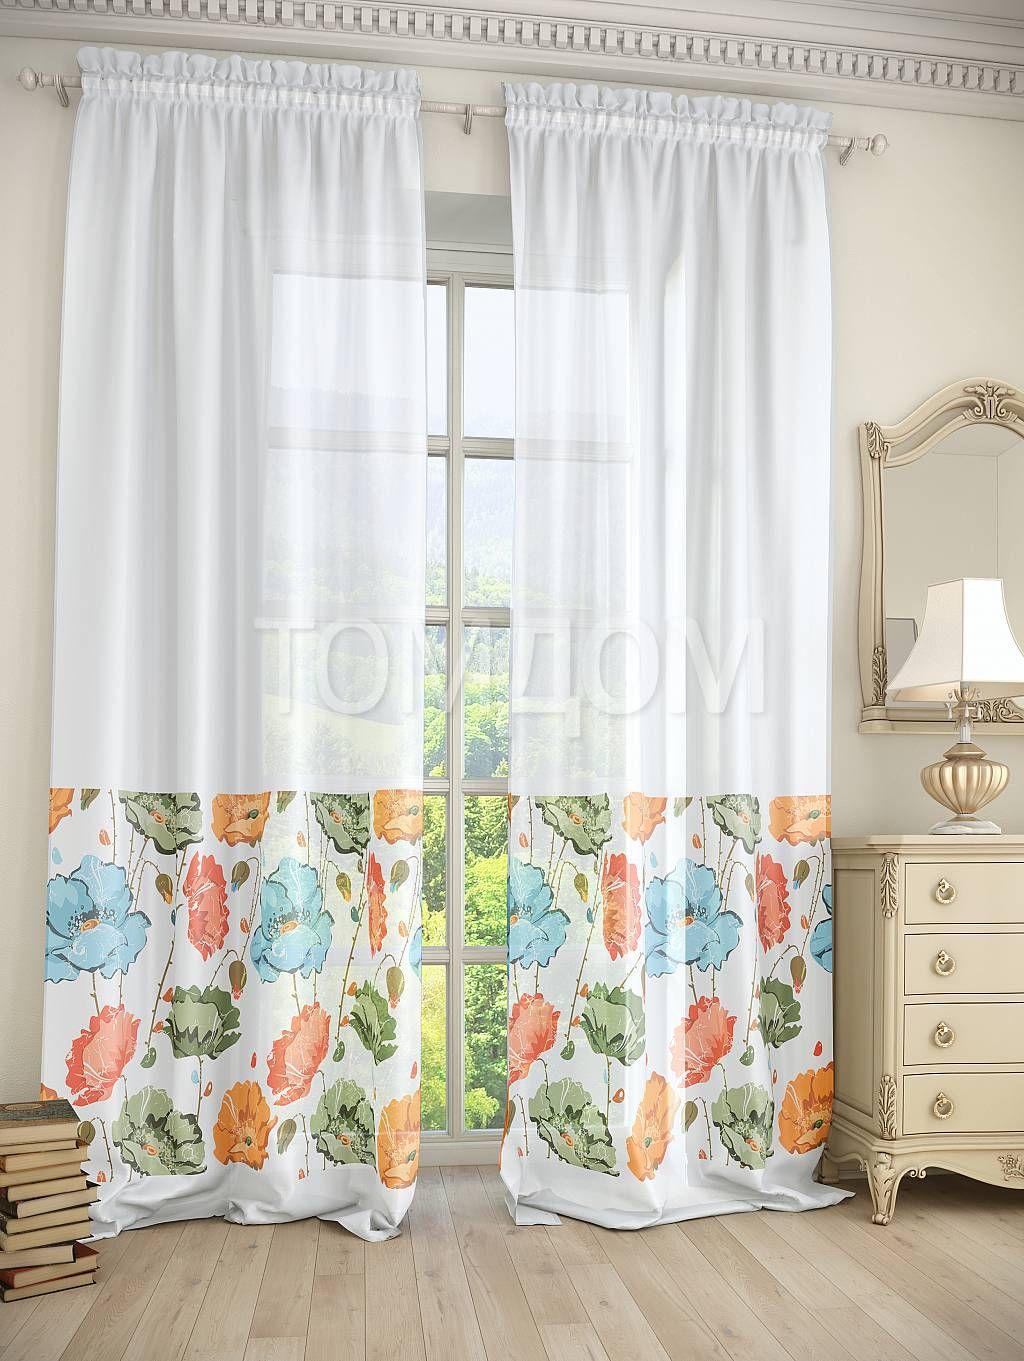 """Комплект штор """"Хеник"""": купить комплект штор в интернет-магазине ТОМДОМ #томдом #curtains #шторы #interior #дизайнинтерьера"""